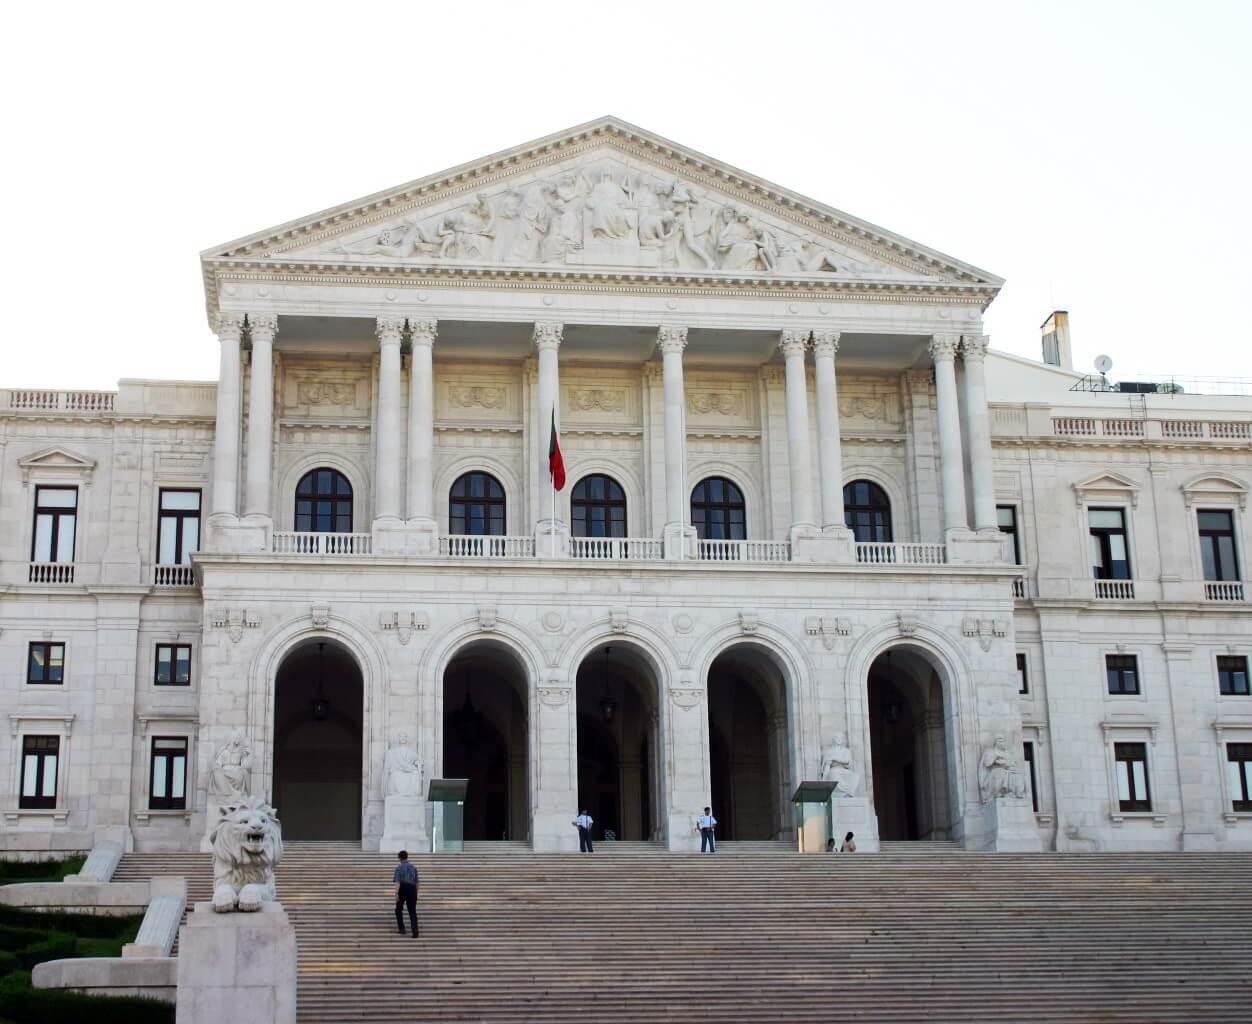 O Diretor Geral da Municípia esteve presente numa audição na Assembleia da República prestando a sua contribuição para a melhor operacionalização do Sistema de Cadastro em Portuga